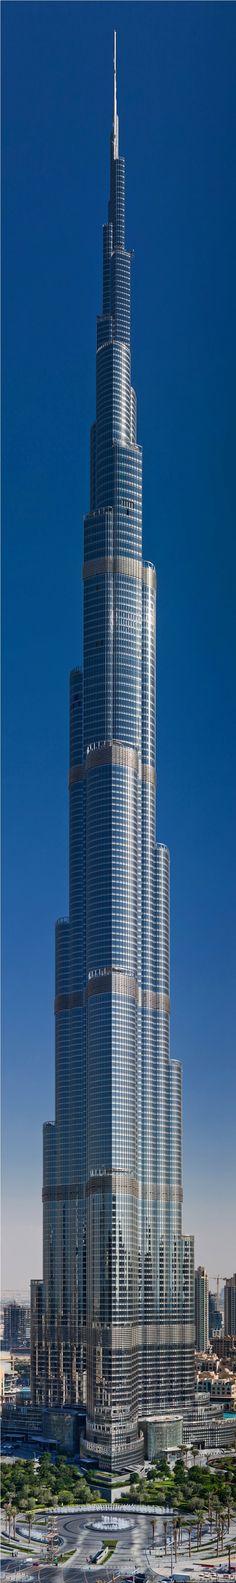 Burj-Khalifa Burj Dubai prior to its inauguration, is a skyscraper in Dubai…